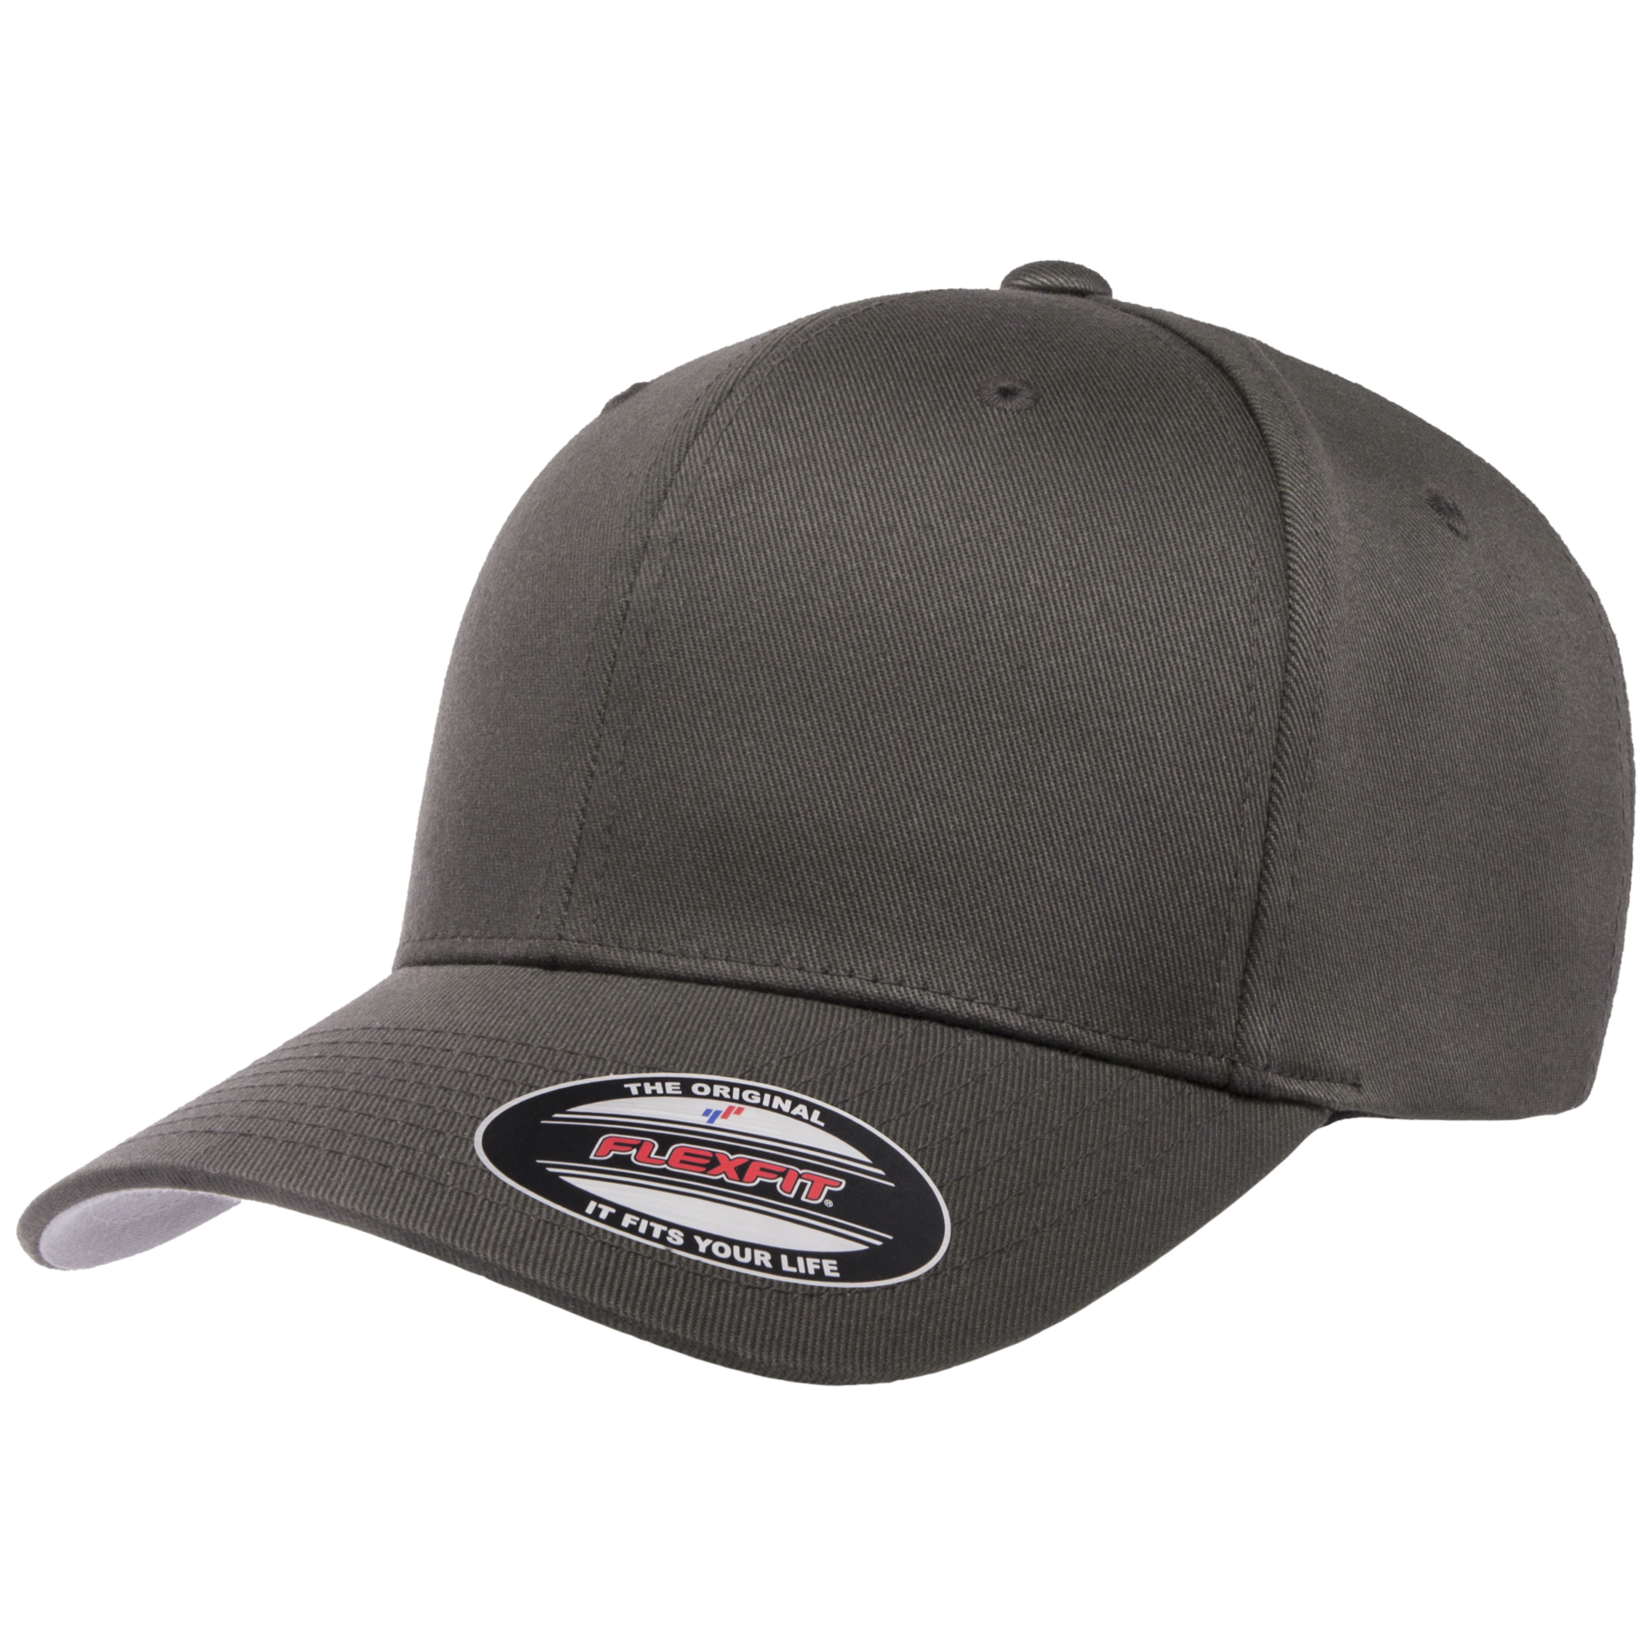 Flexfit Flexfit 6277 Wooly Combed Cap - Multiple Colors